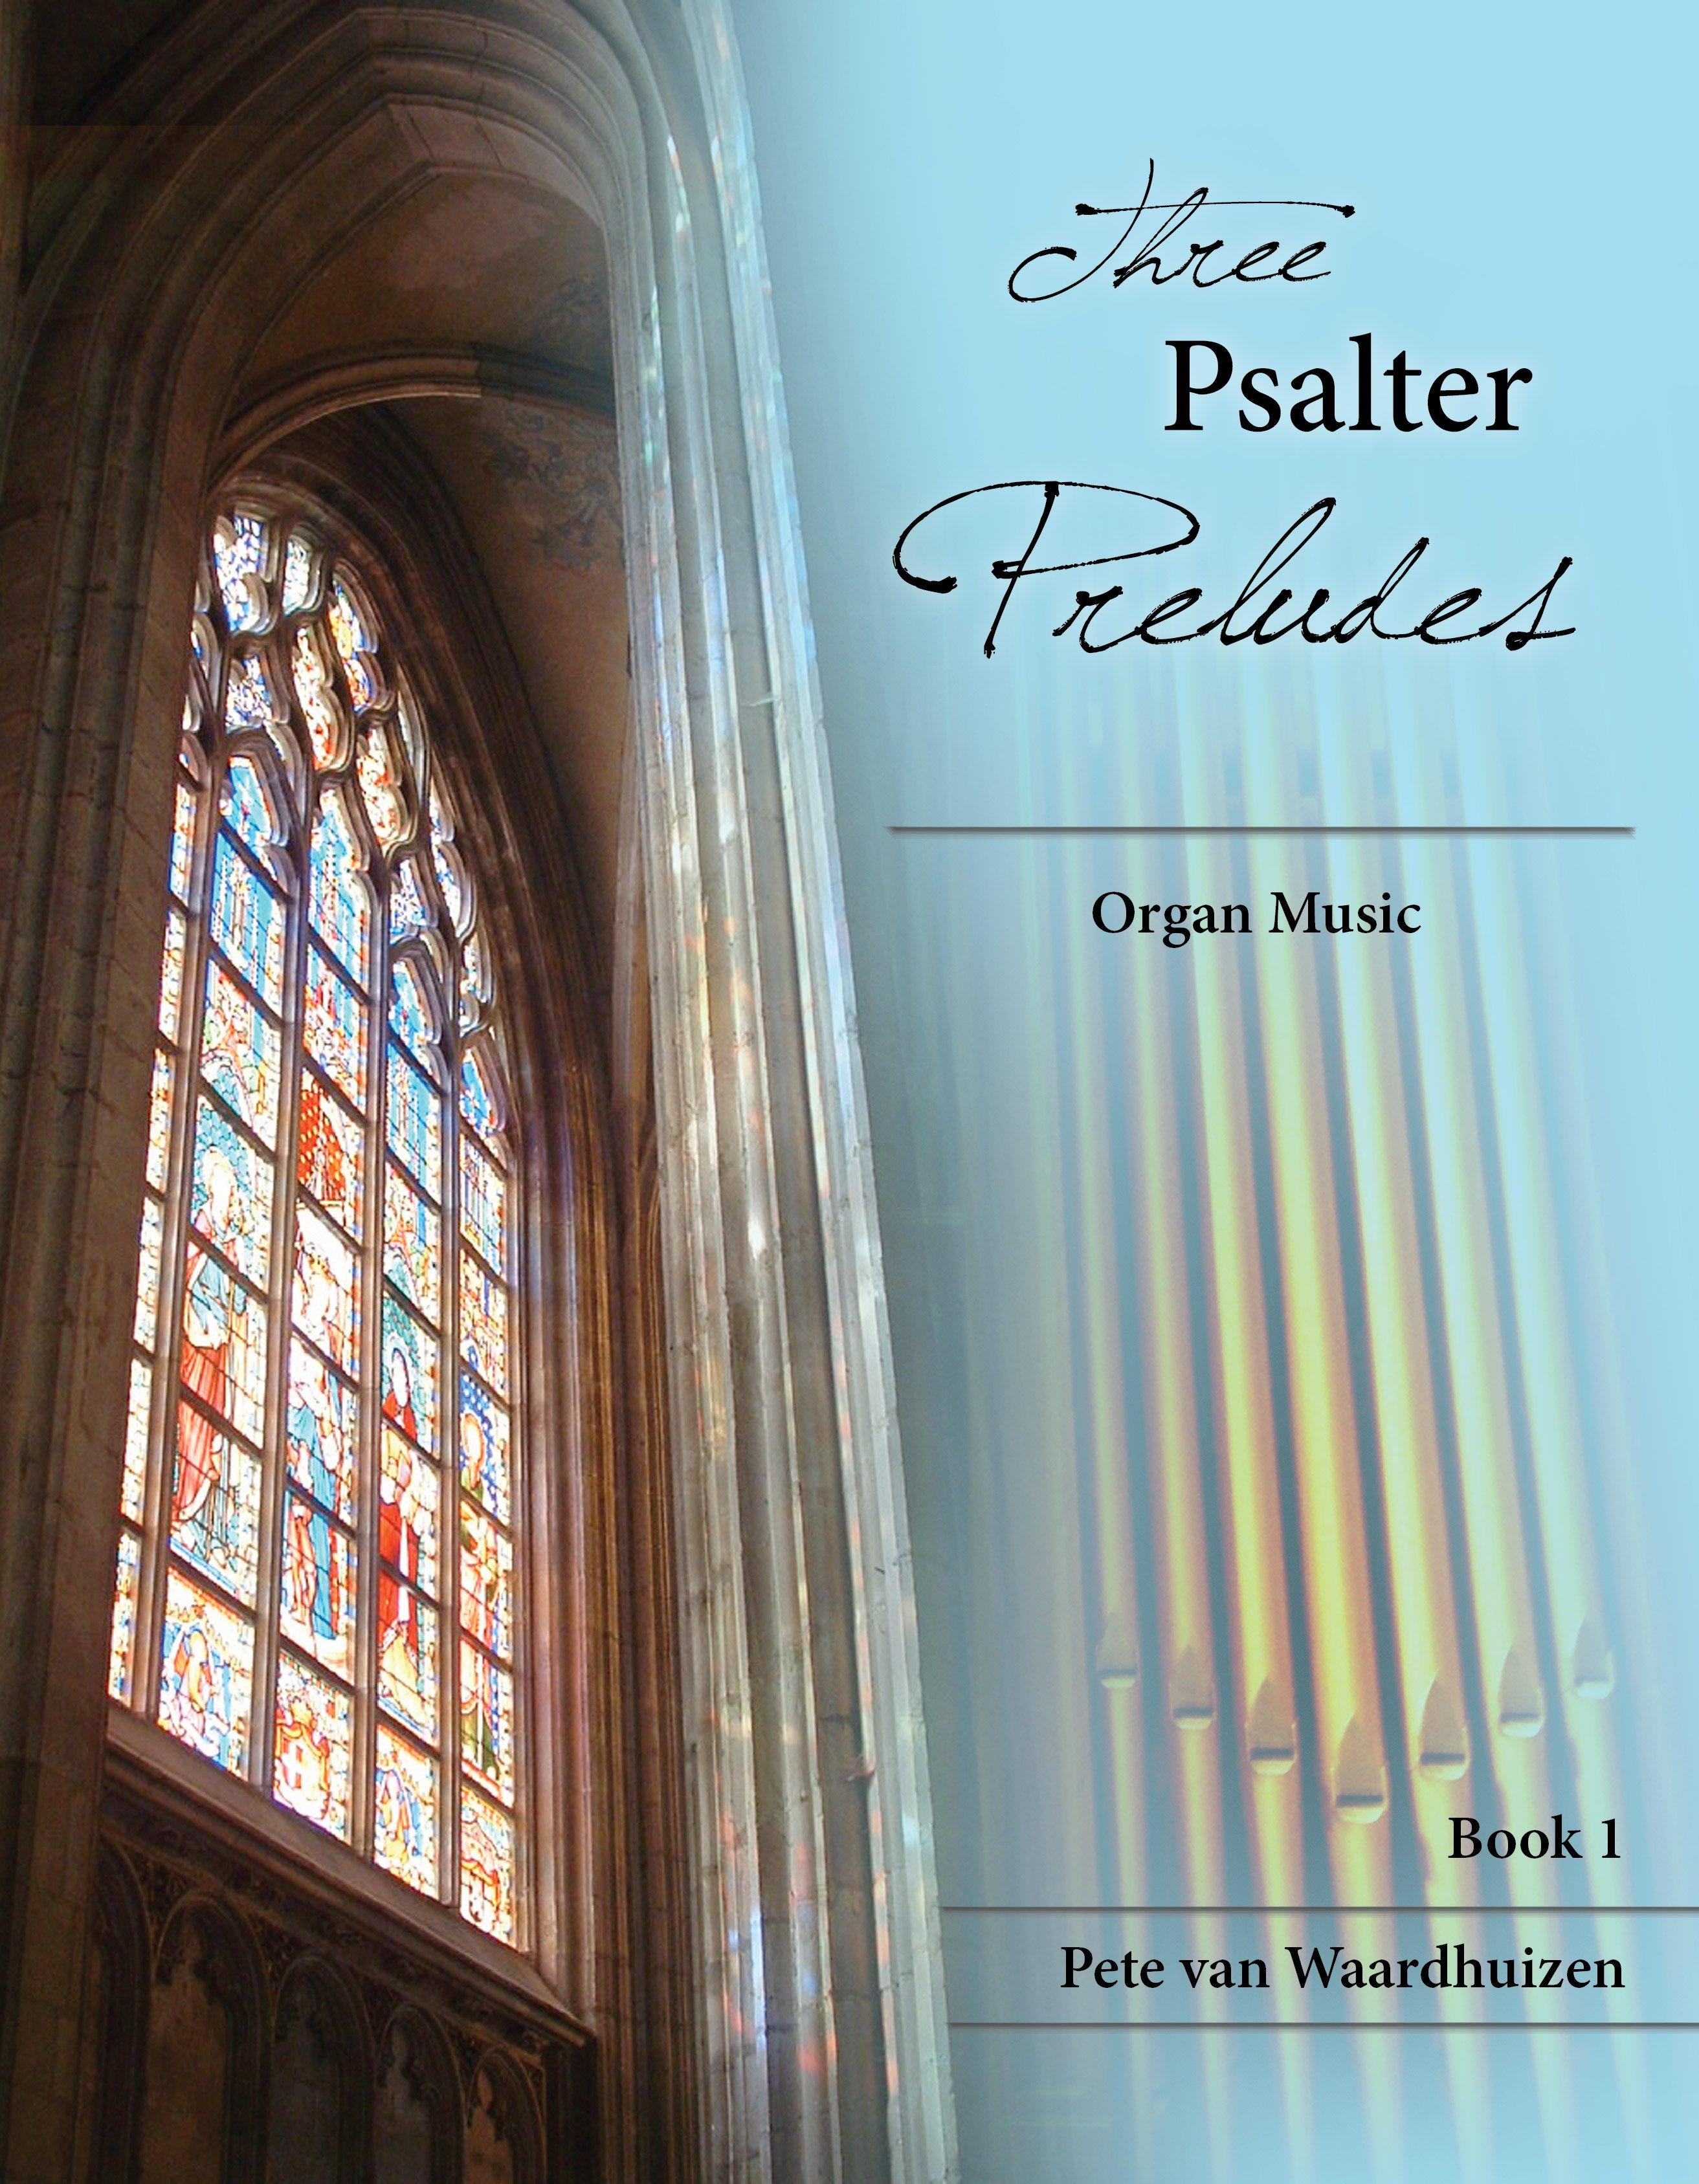 https://0901.nccdn.net/4_2/000/000/053/0e8/book-1_front-cover.jpg